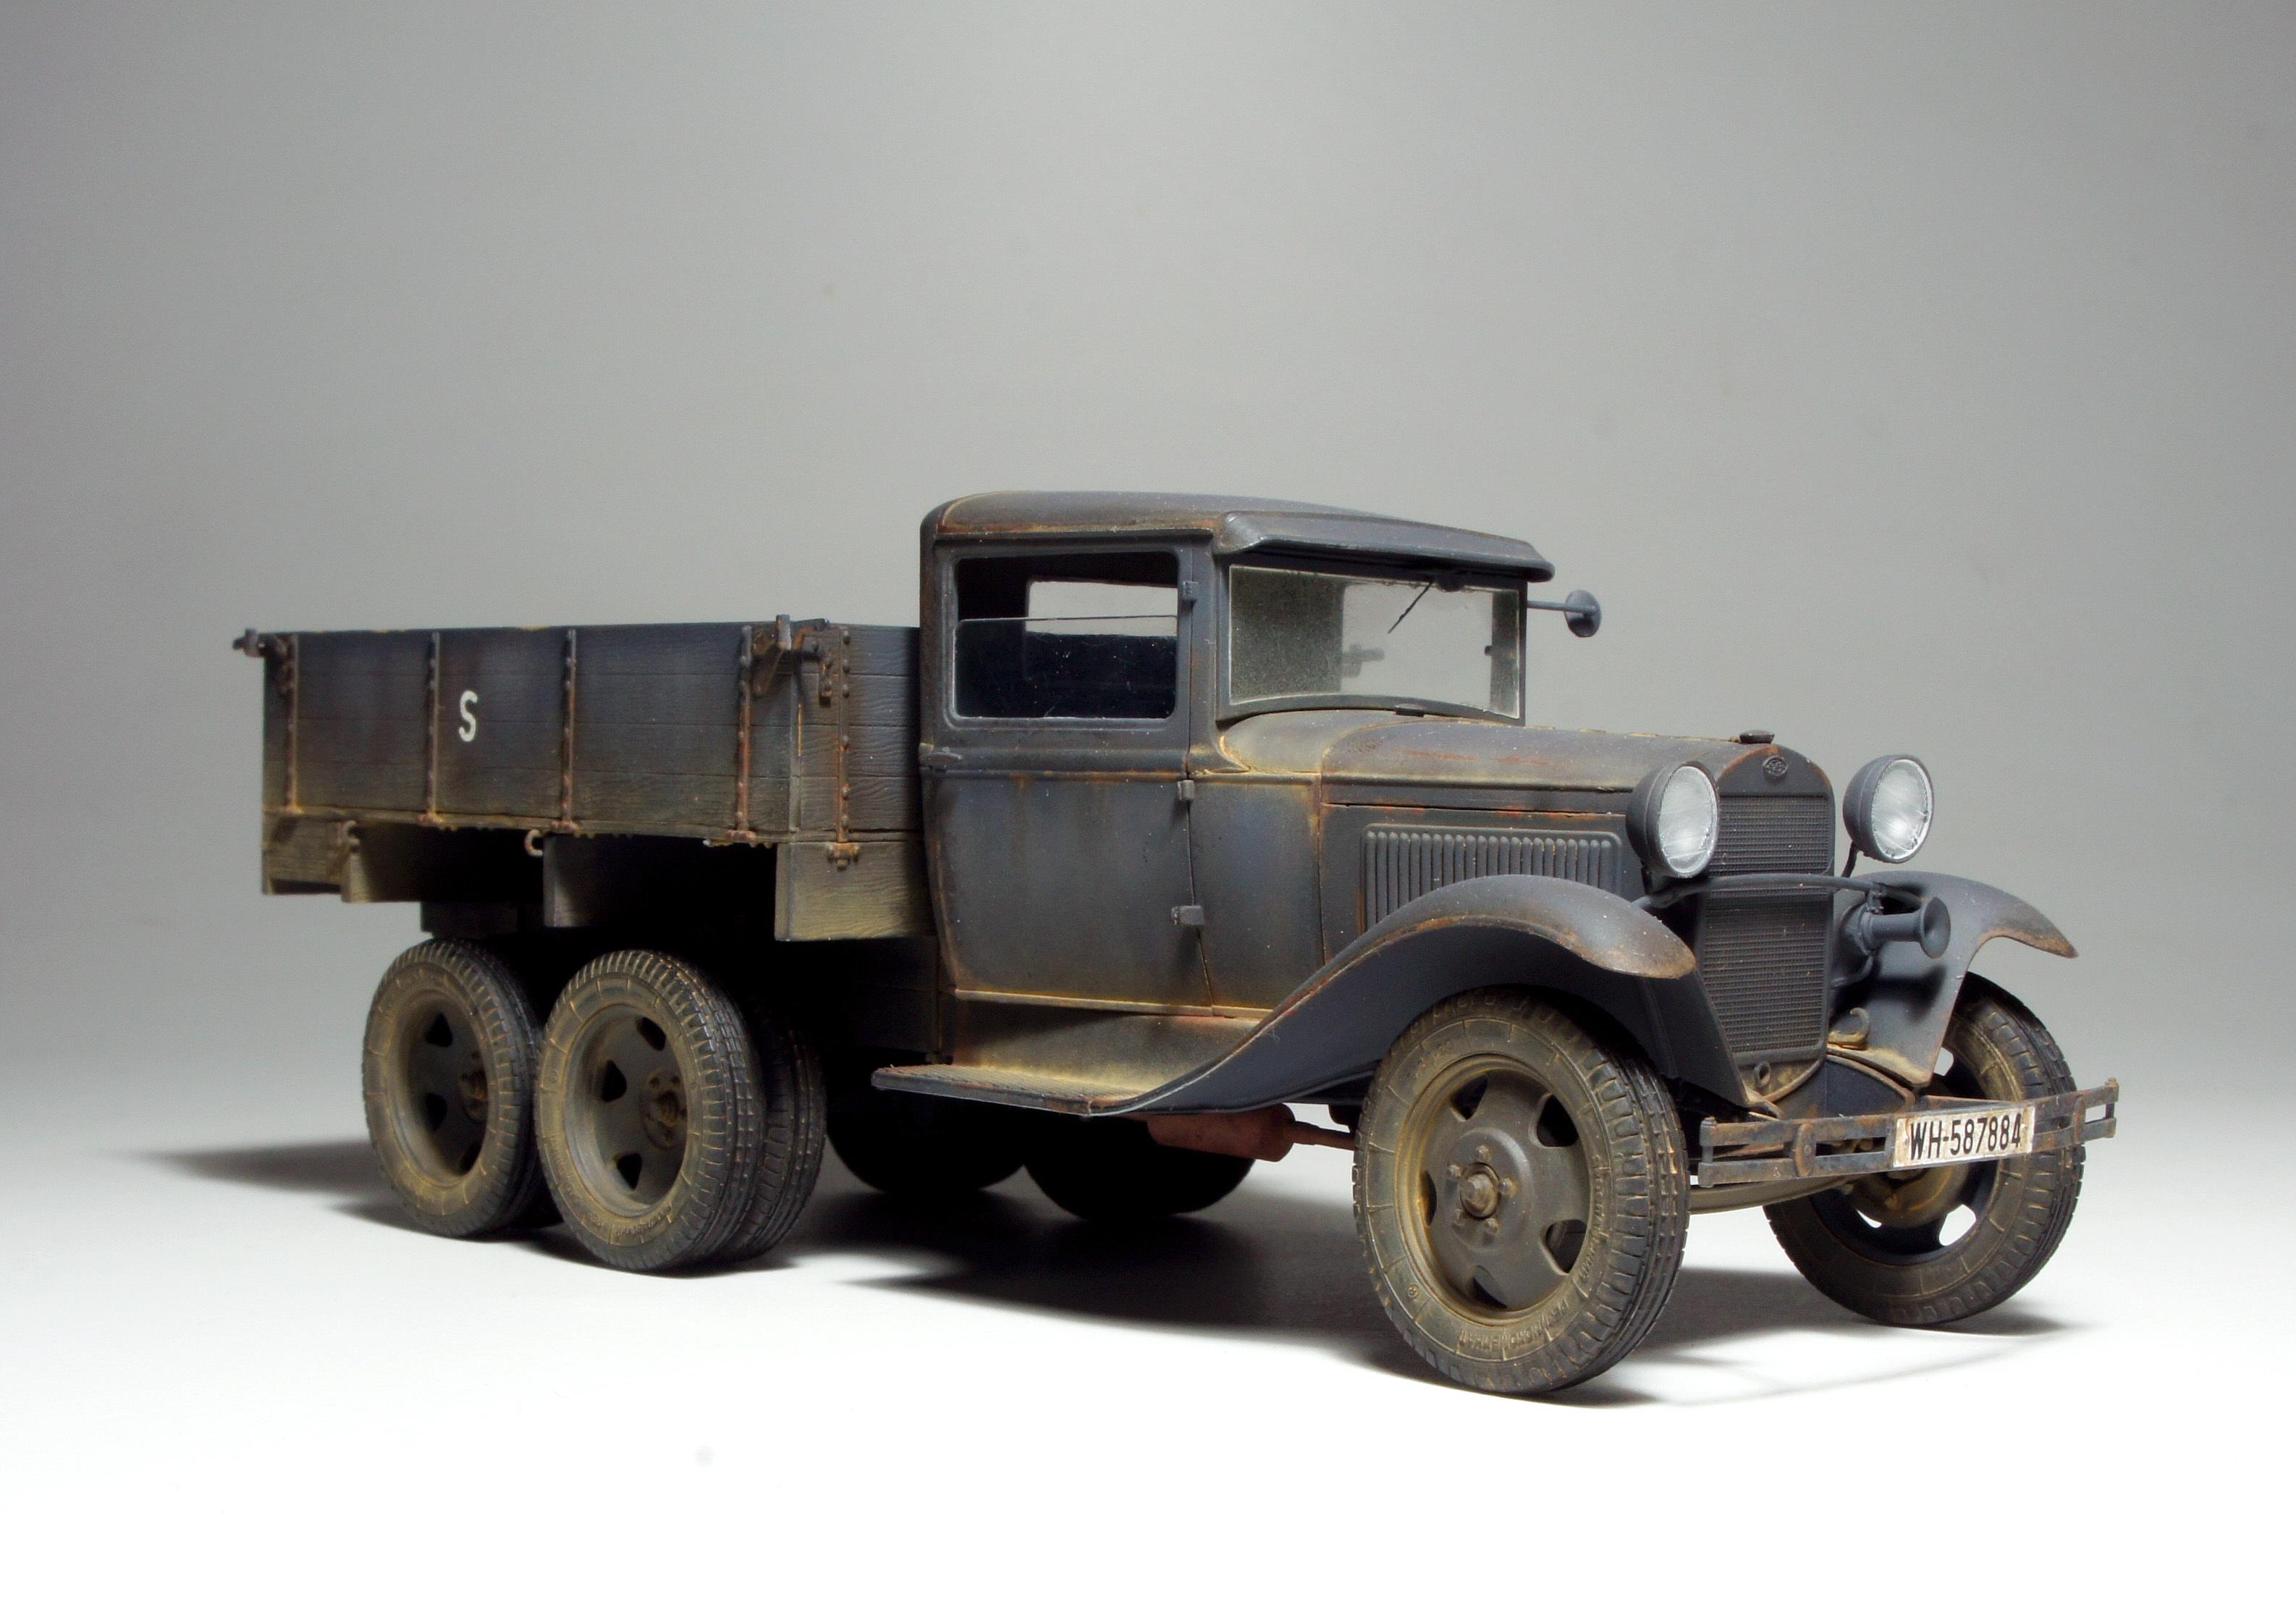 Free Images : retro, truck, vintage car, world war, model car, off ...